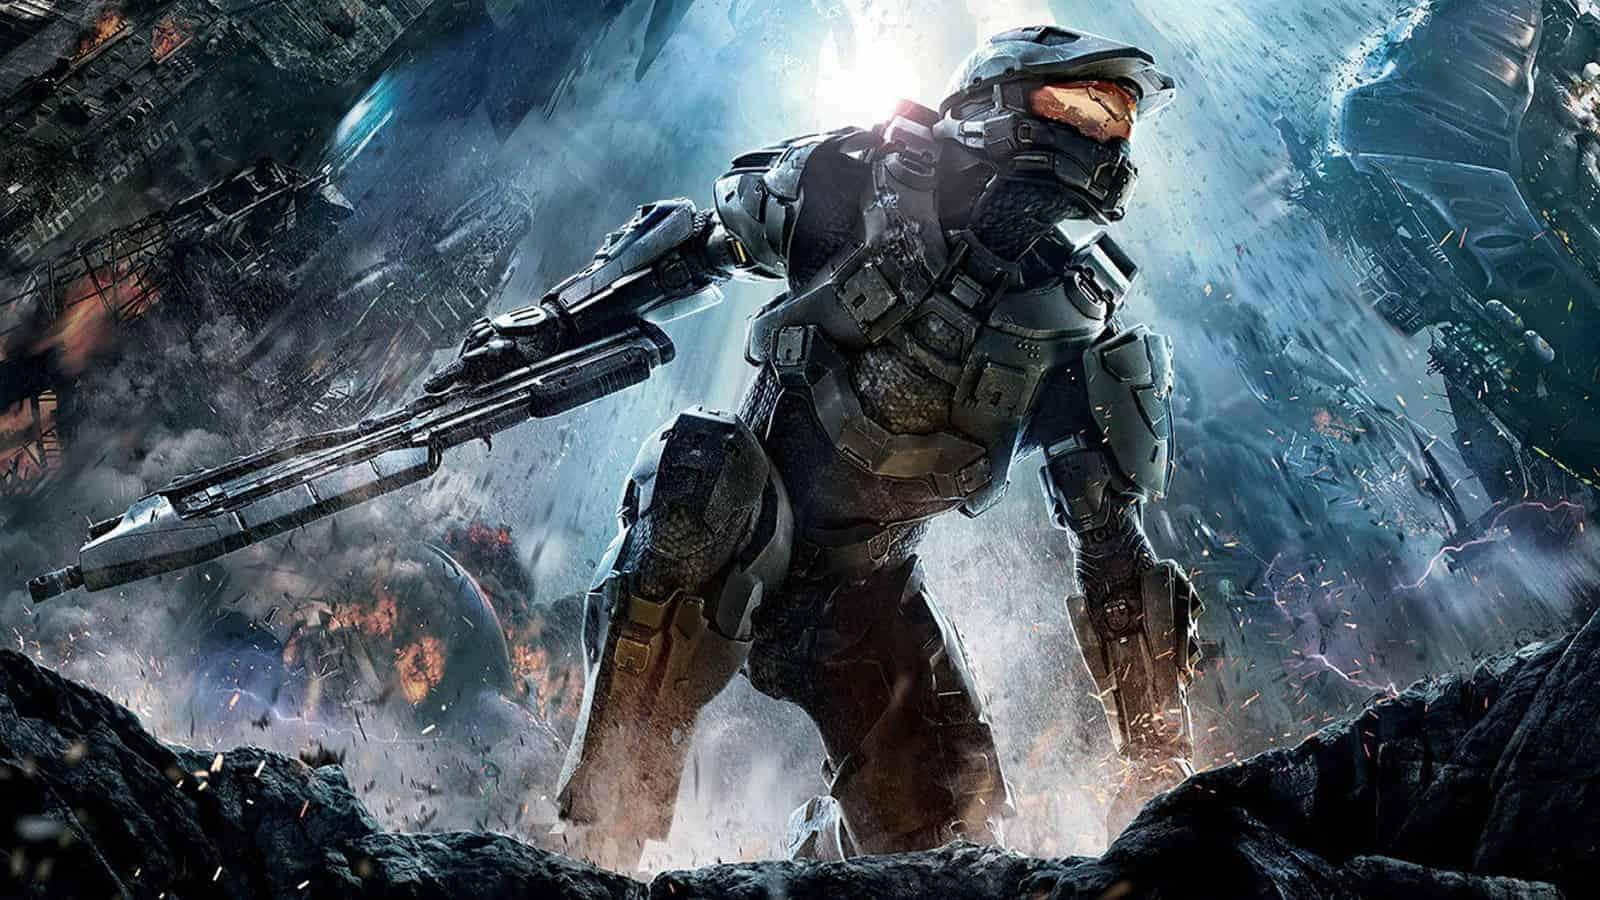 Halo franchise